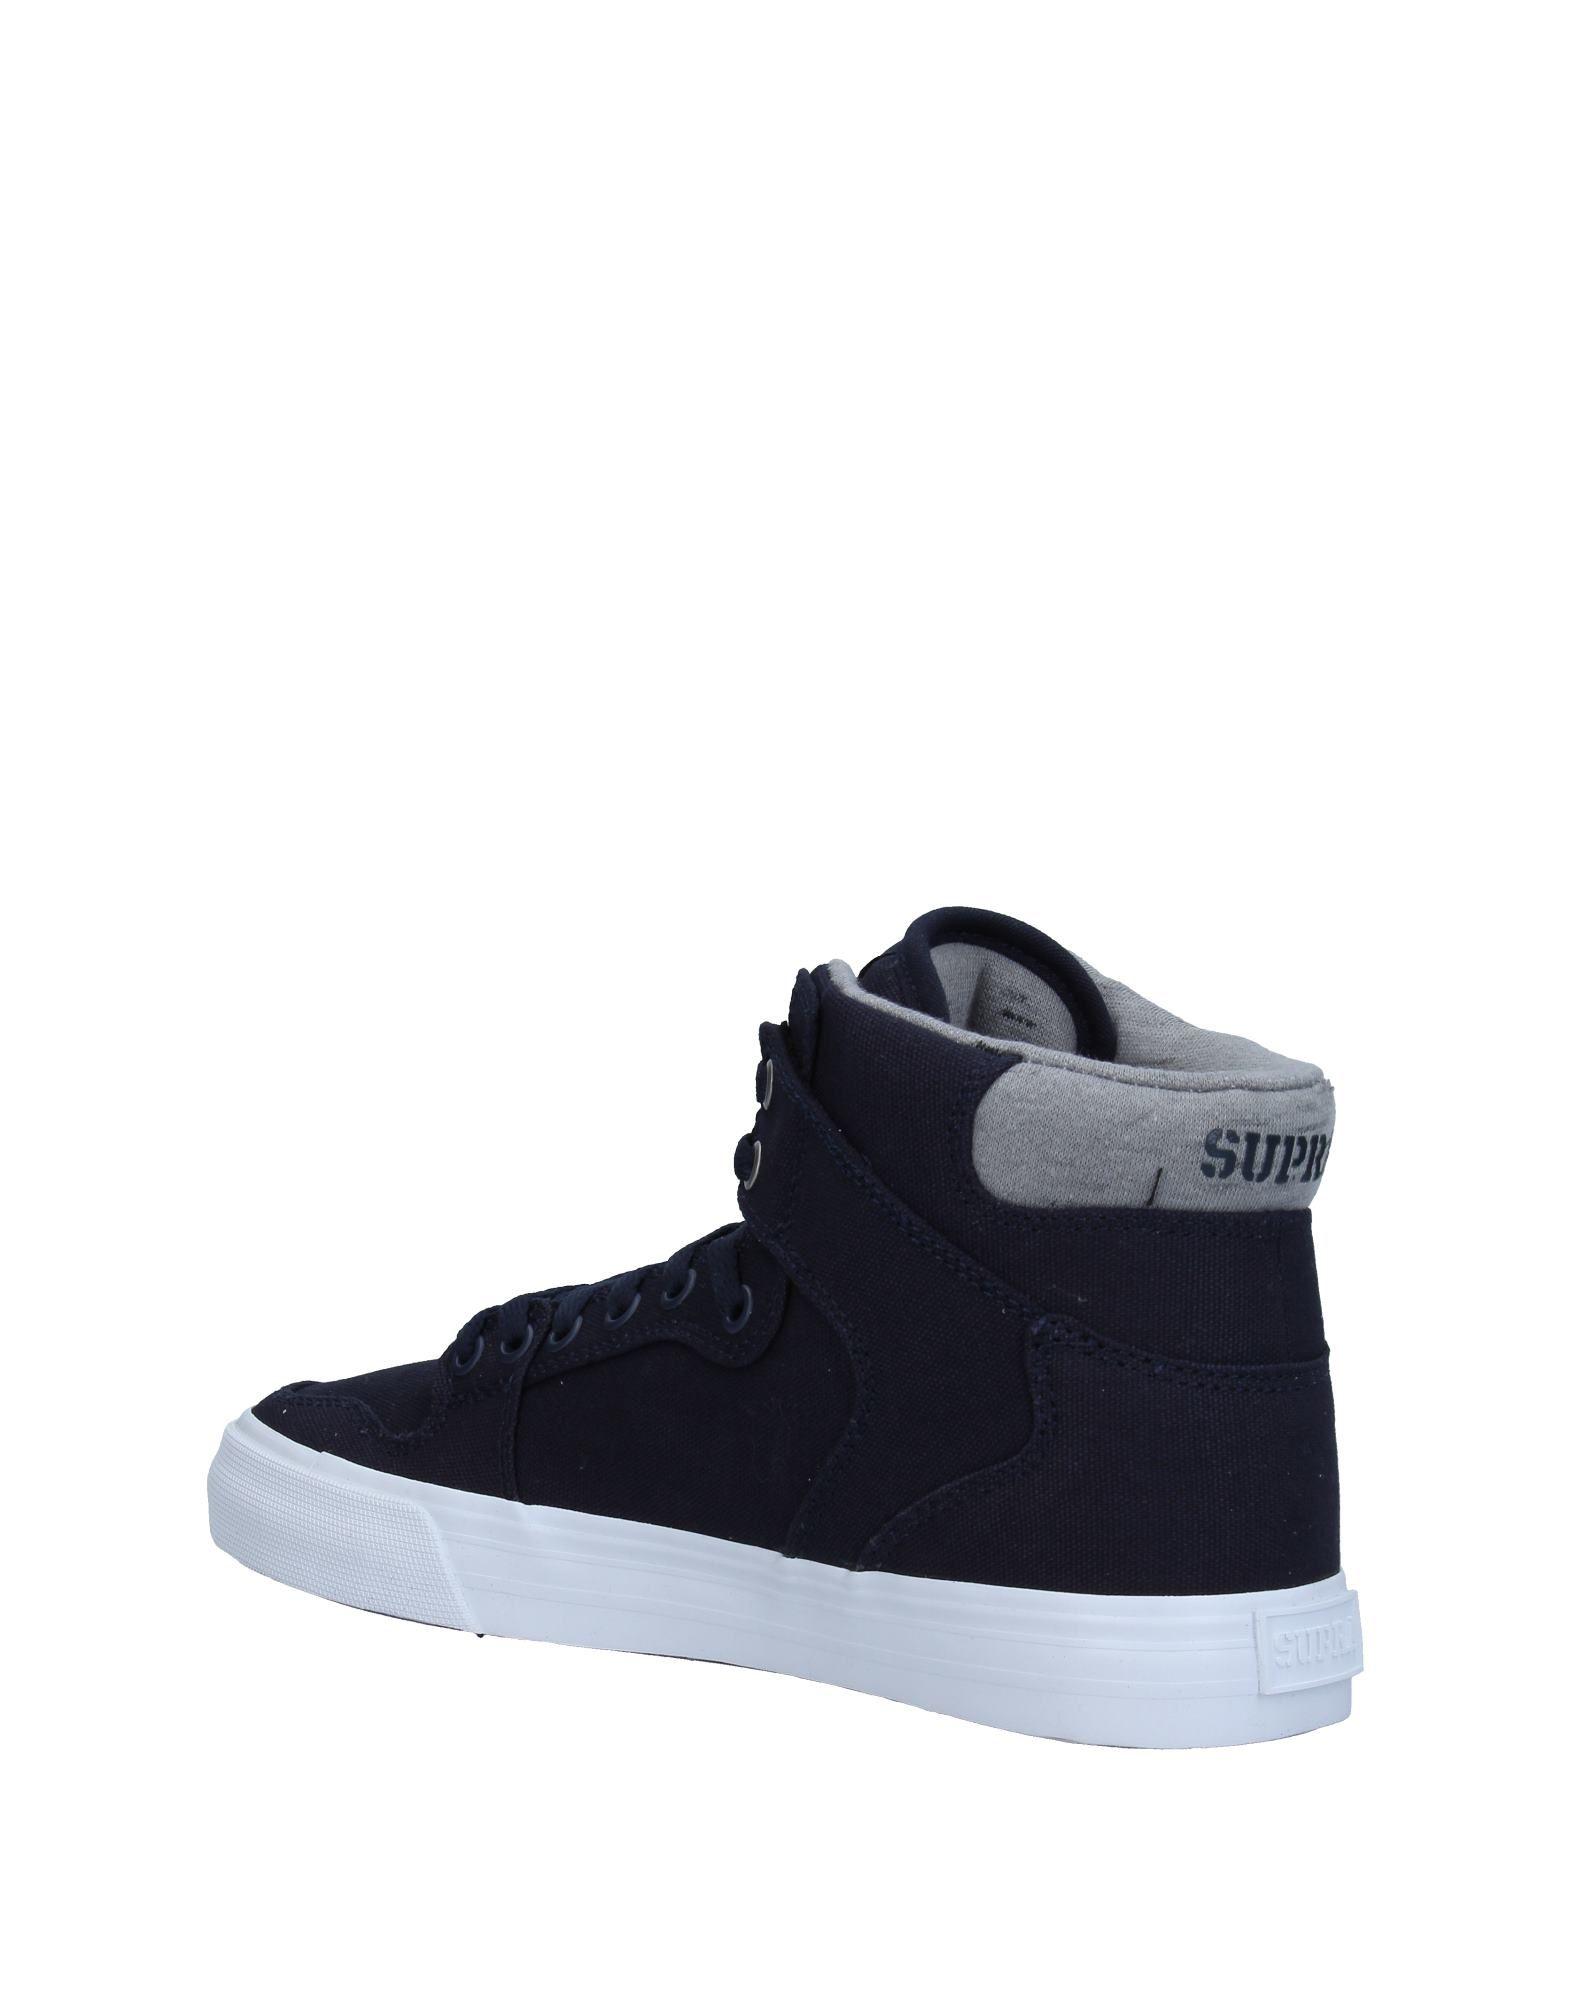 Supra Sneakers Herren Heiße  11337354XR Heiße Herren Schuhe 8585b1